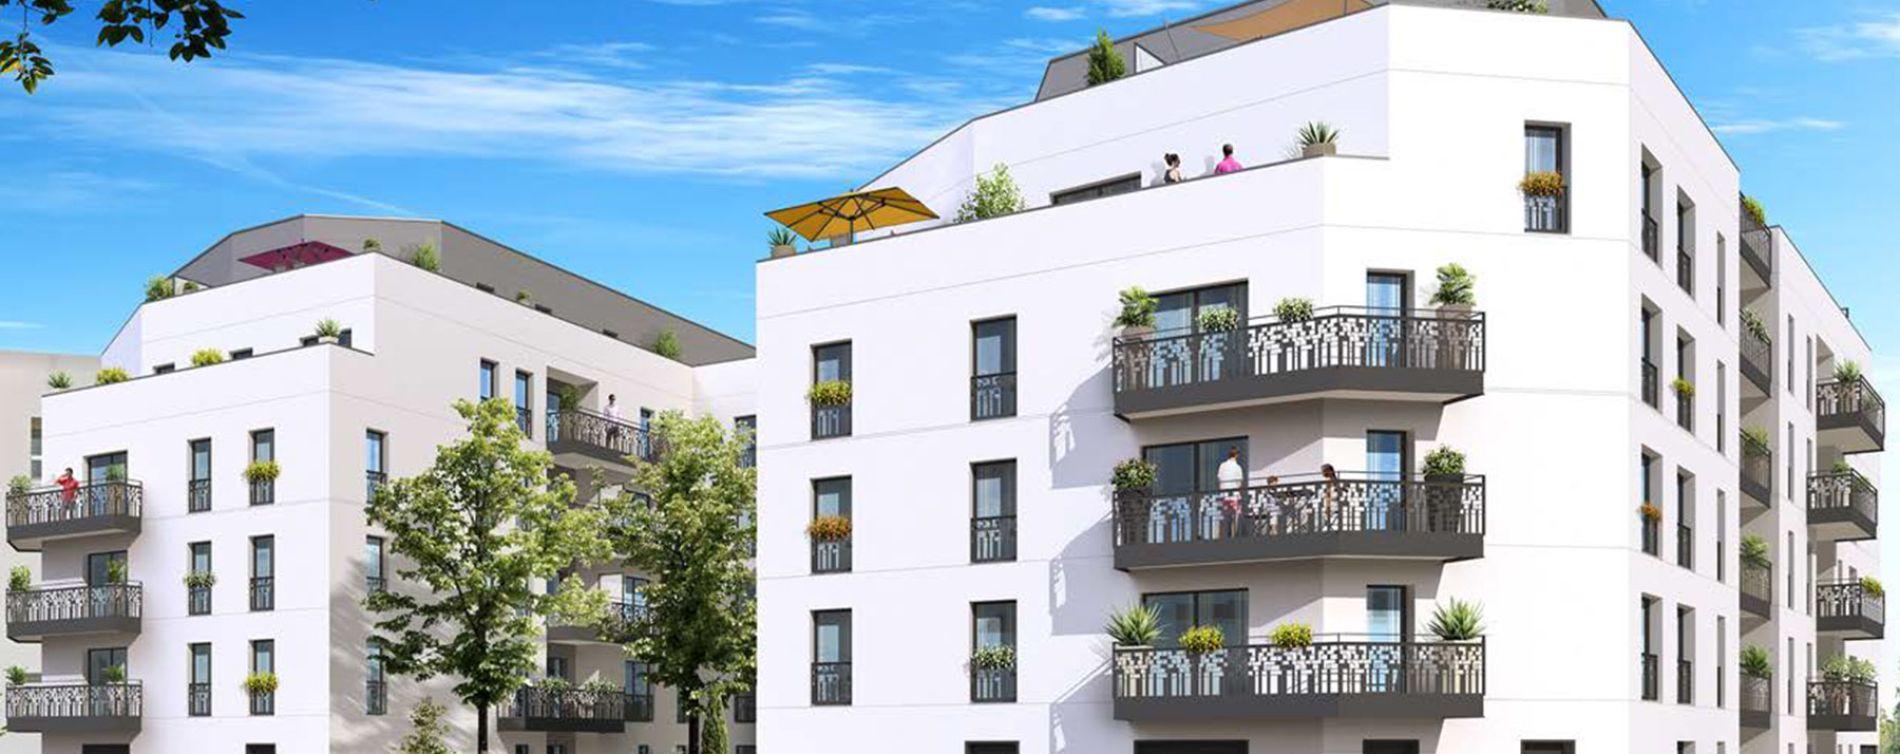 Drancy : programme immobilier neuve « Villa en Scène » (2)